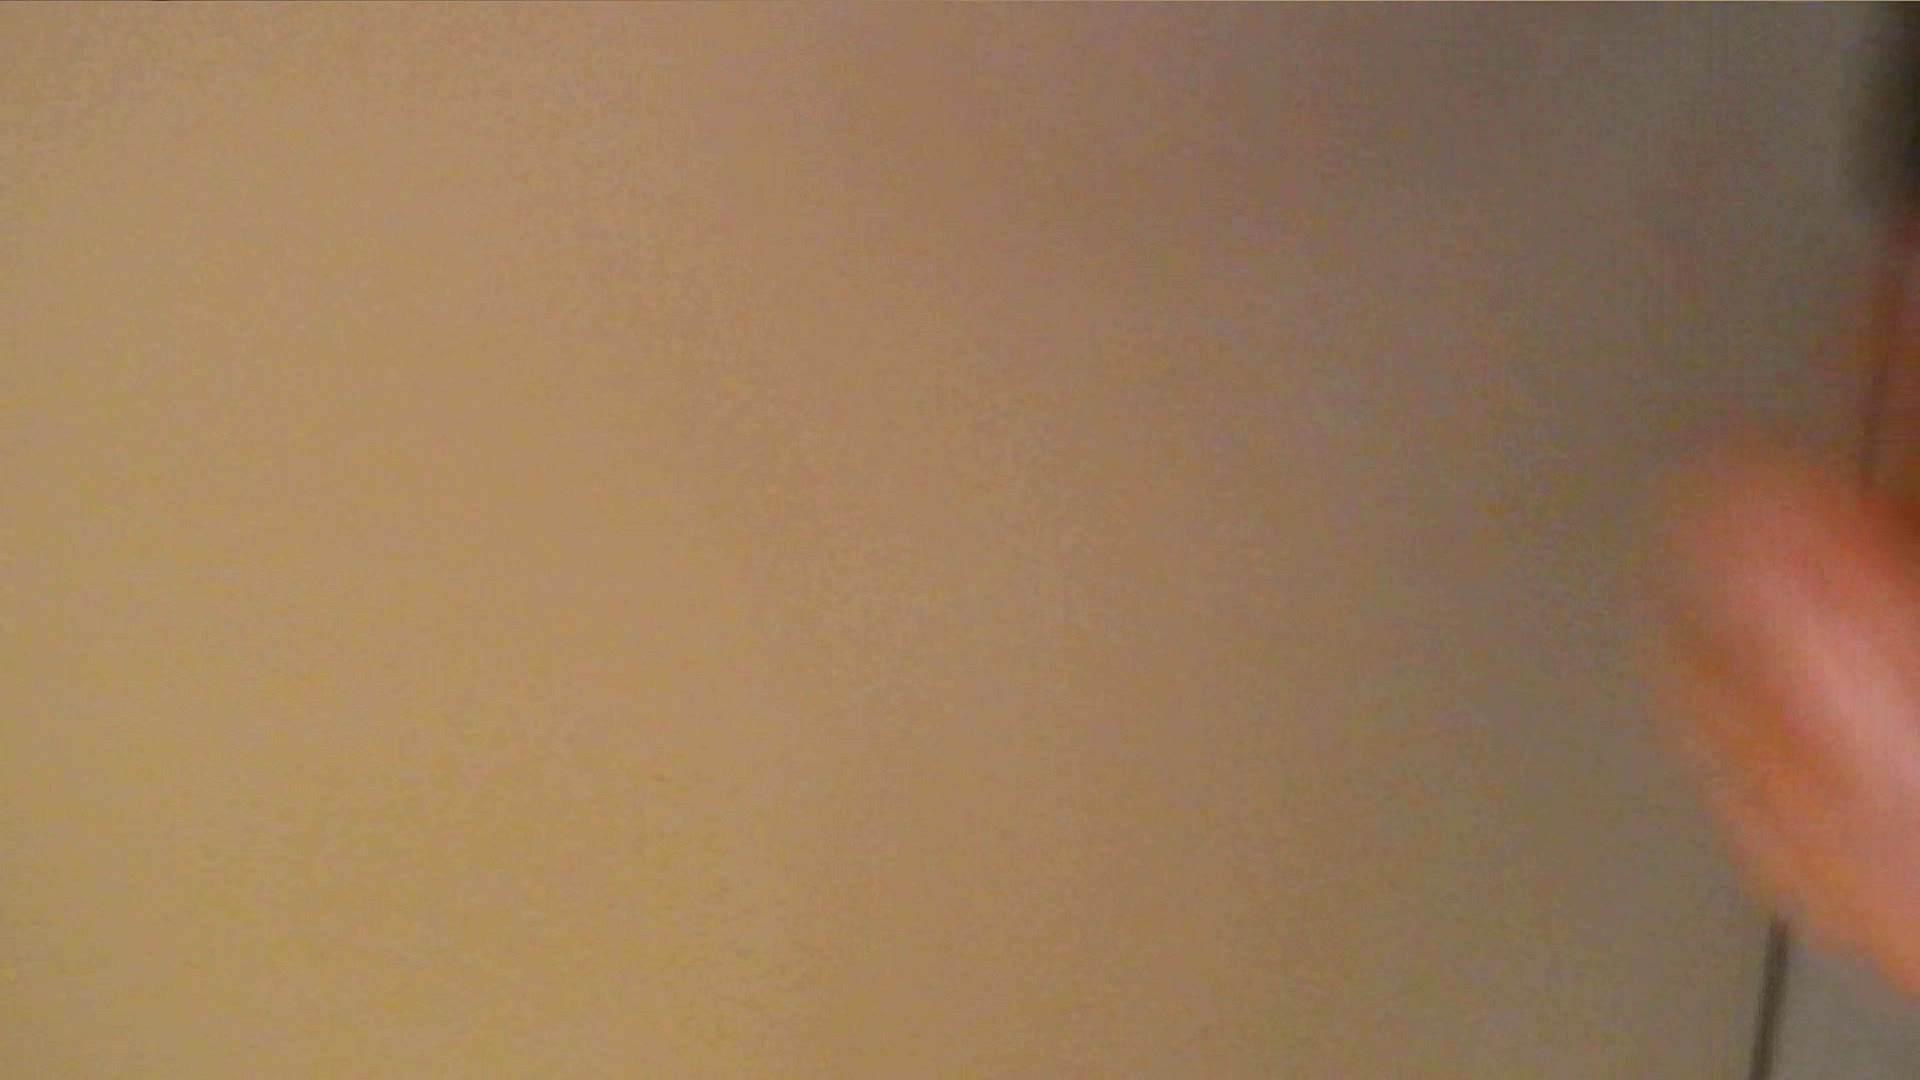 トイレ盗撮|洗寿観音さんの 化粧室は四面楚歌Nol.4|怪盗ジョーカー